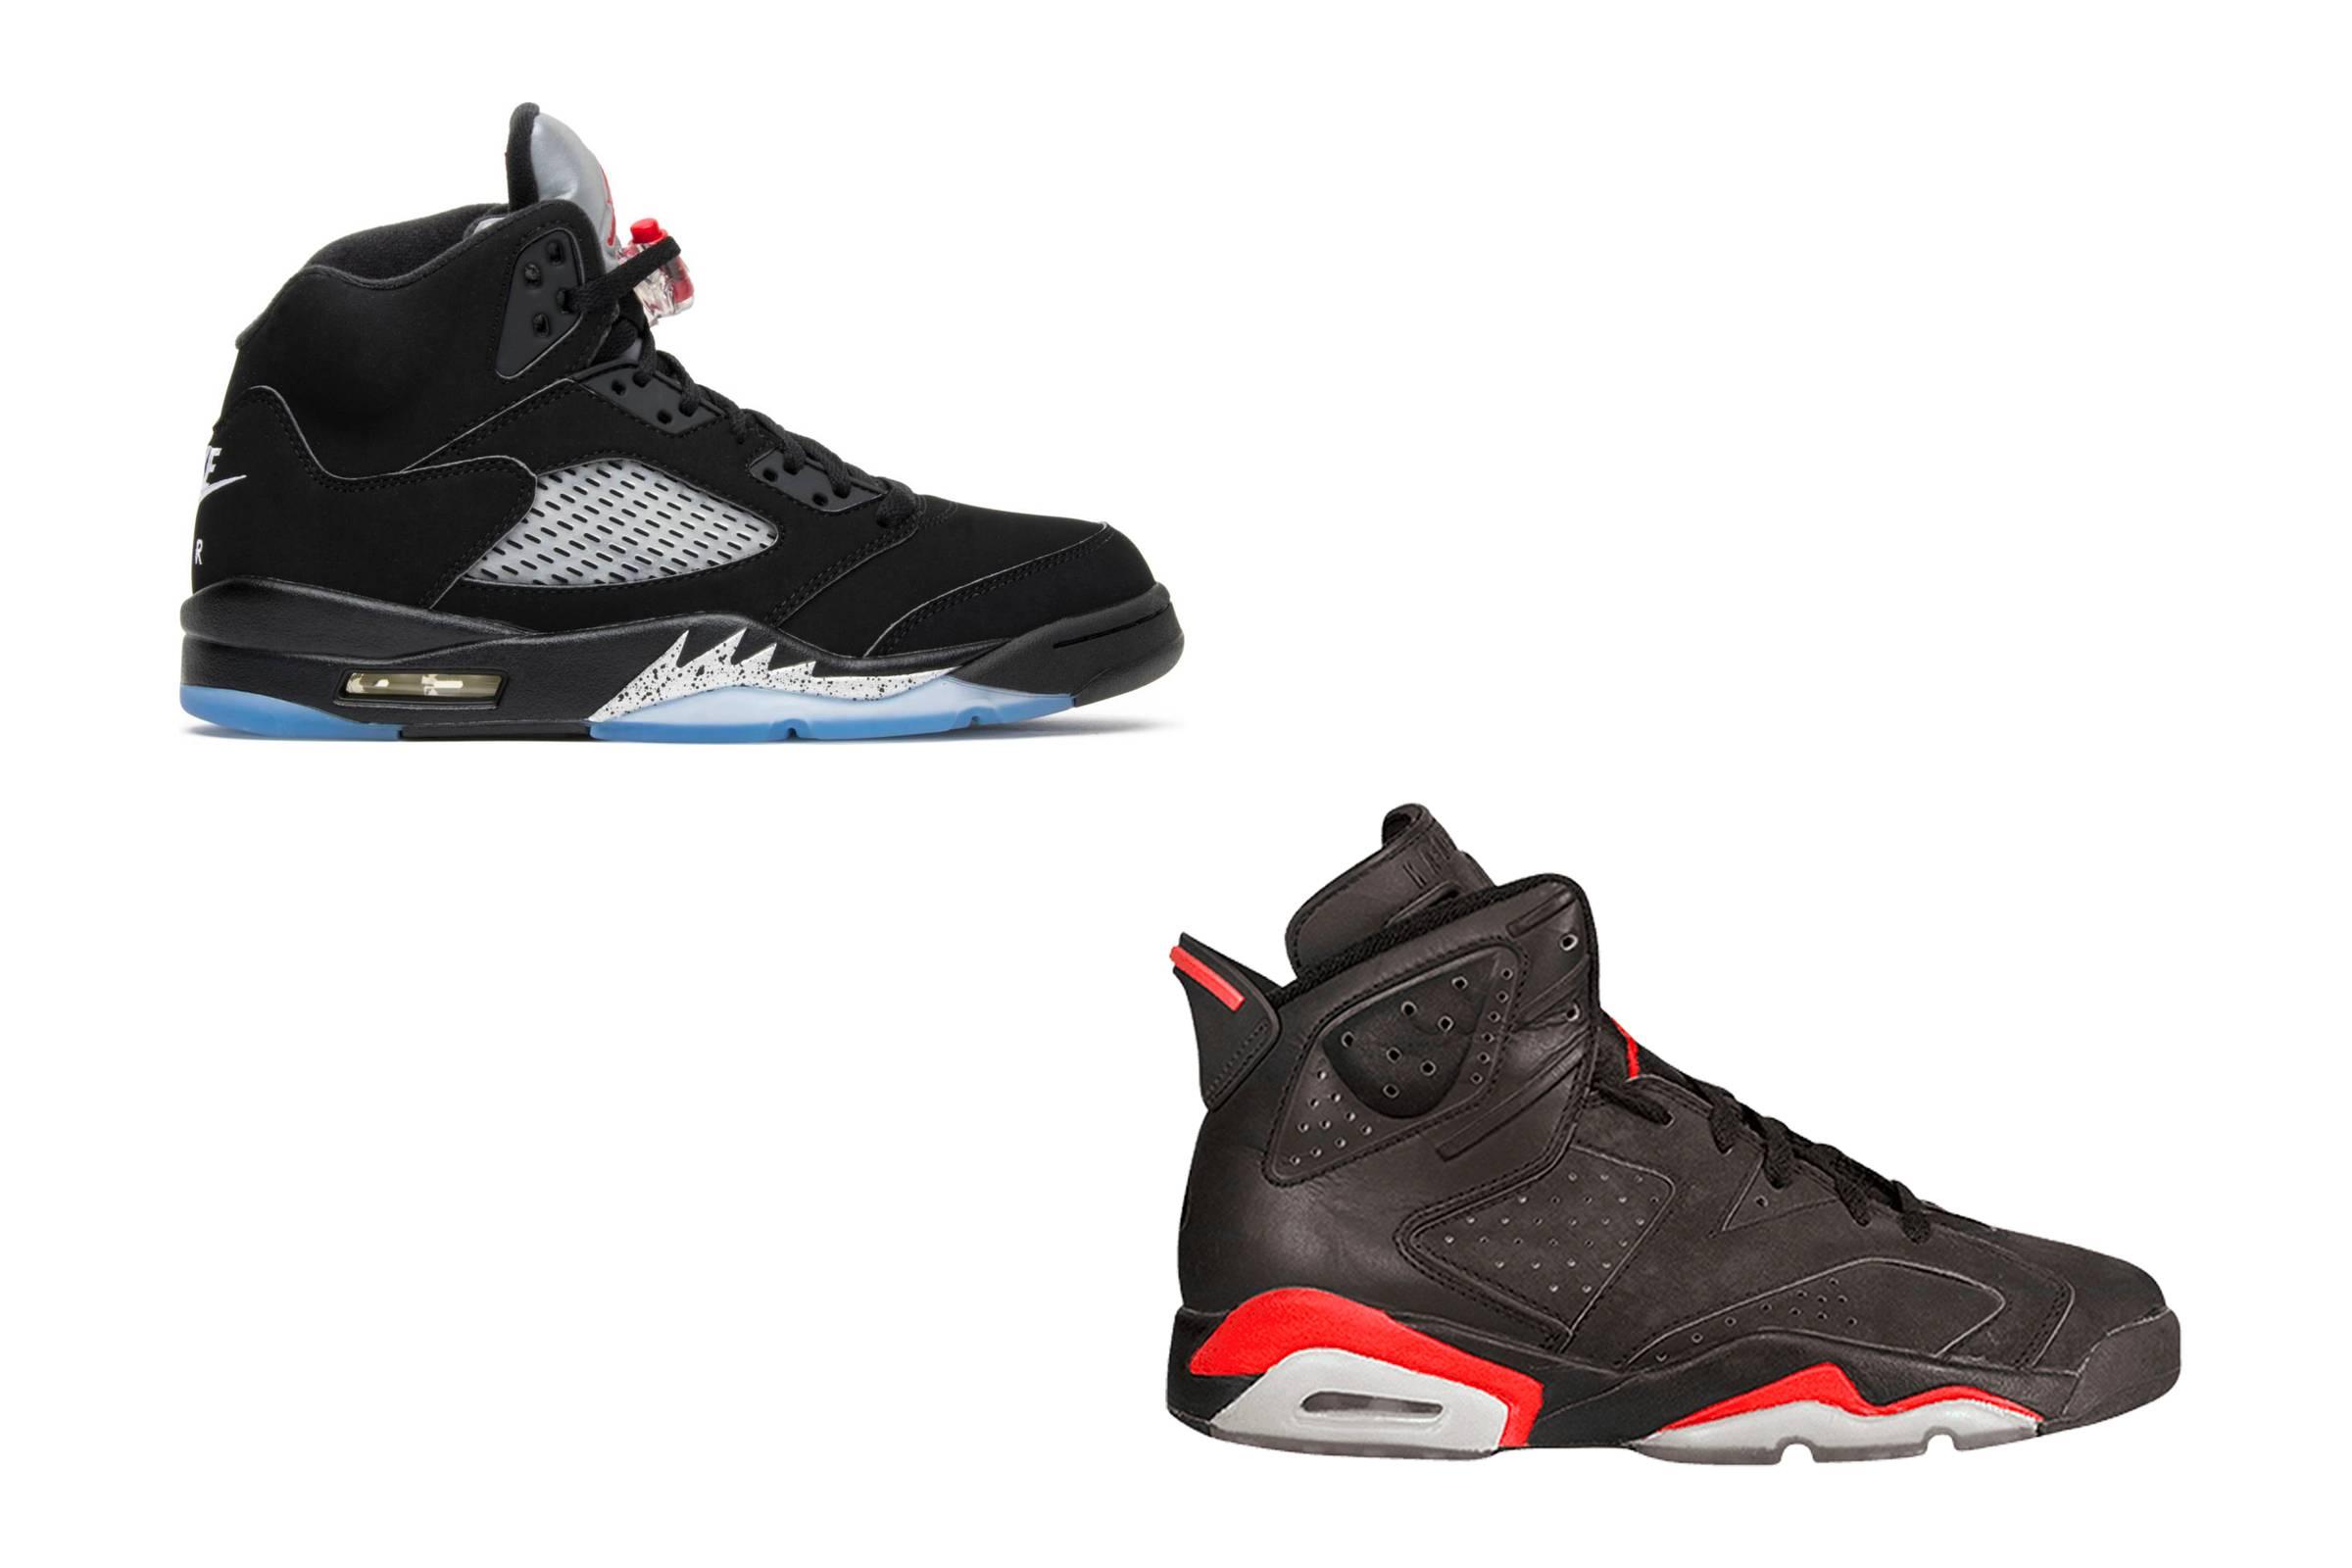 9. (TIE) Jordan V & Jordan VI